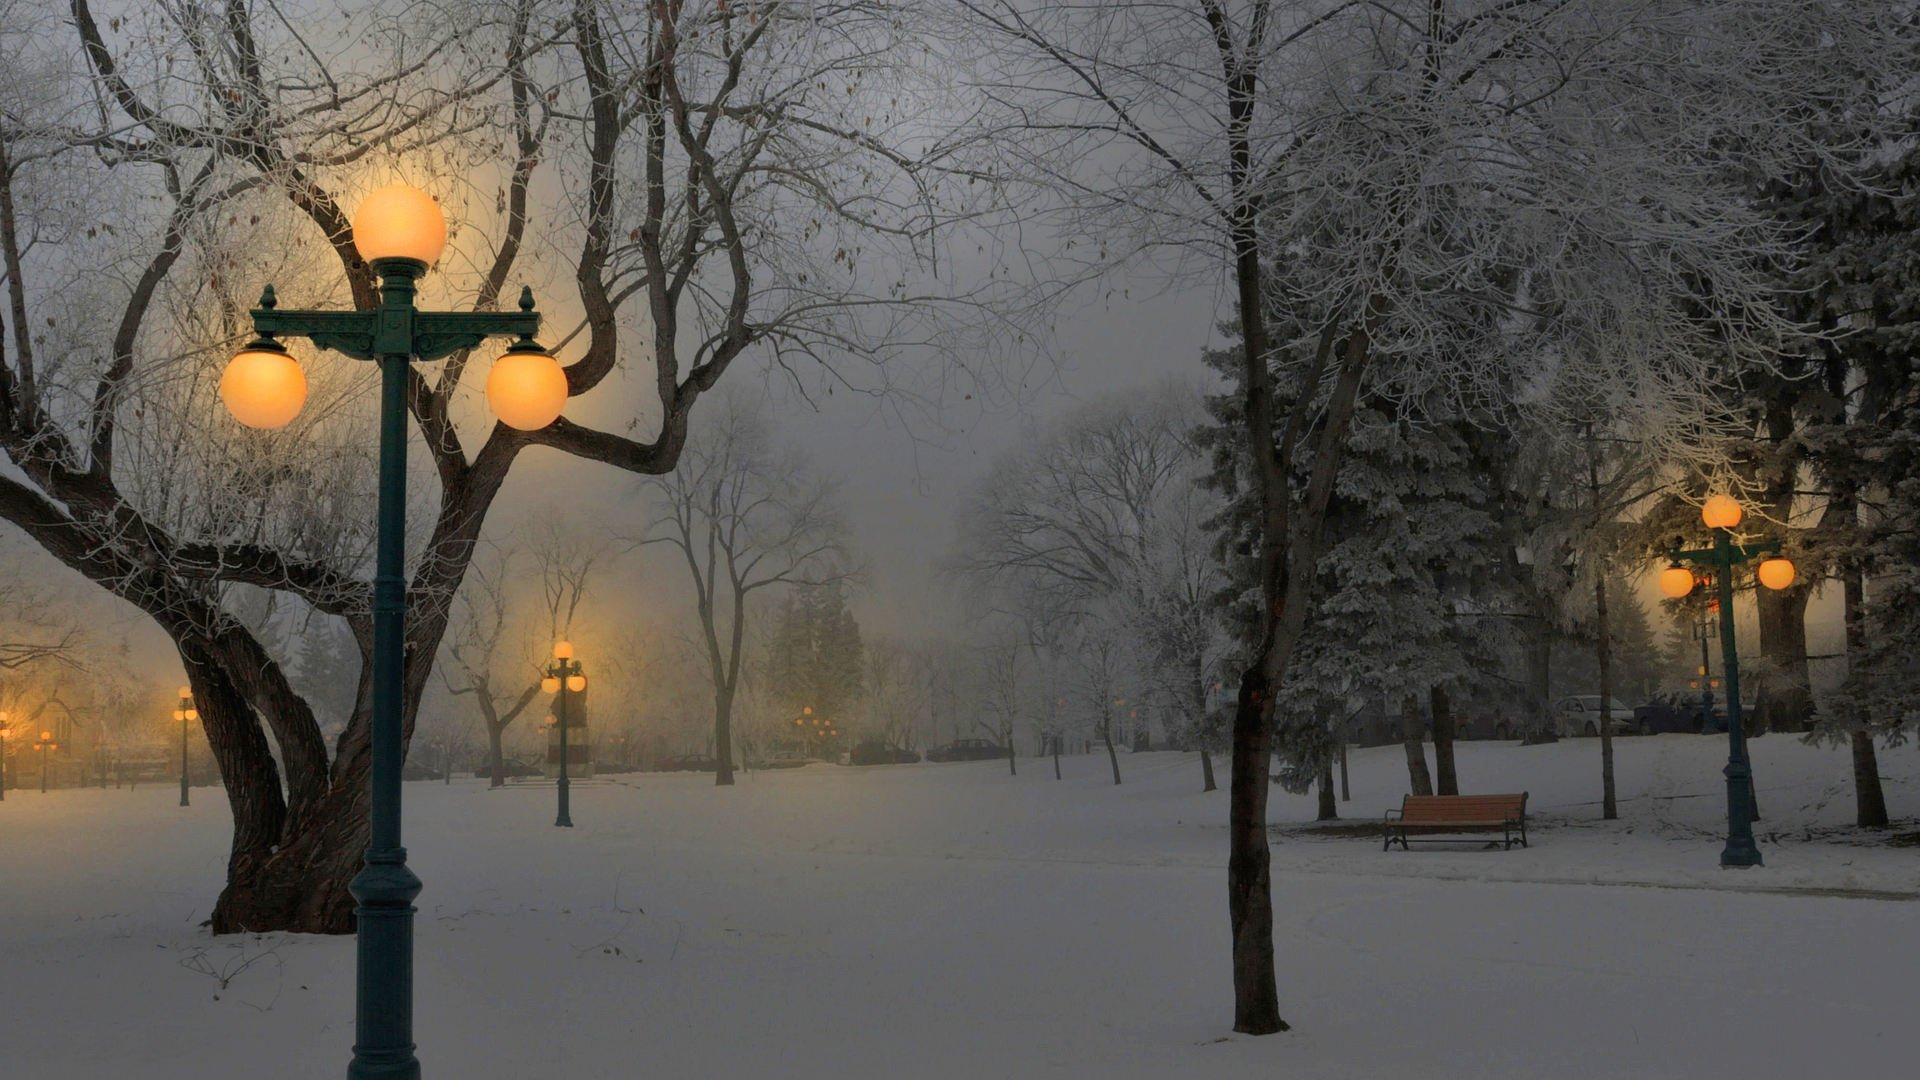 свет от фонарей в зиму на телефон